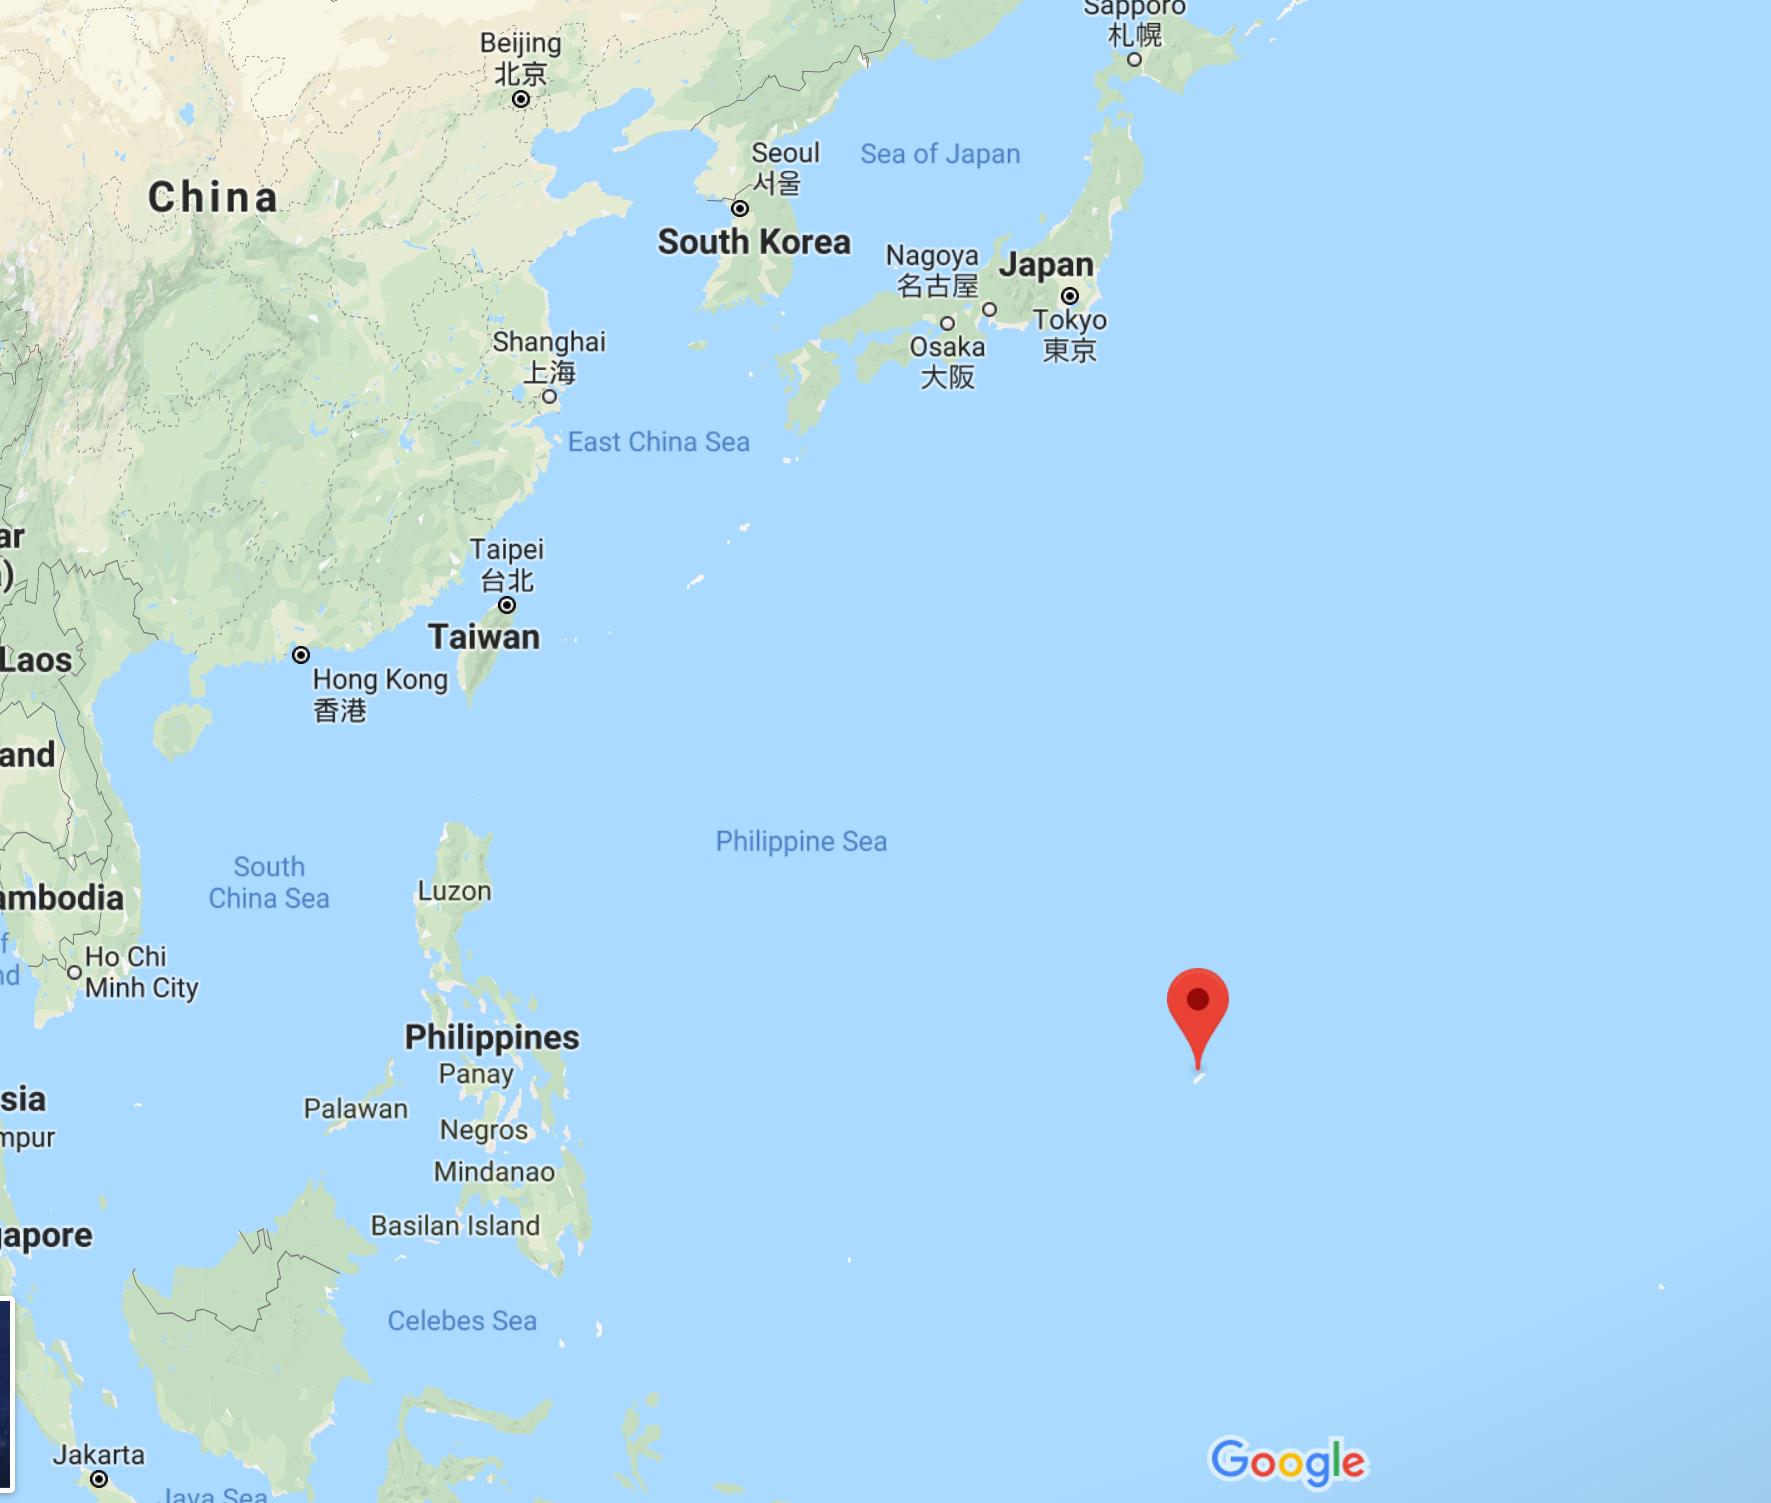 有多少日本人在中国_中国新航母下水,中国需要多少艘航母? - 知乎